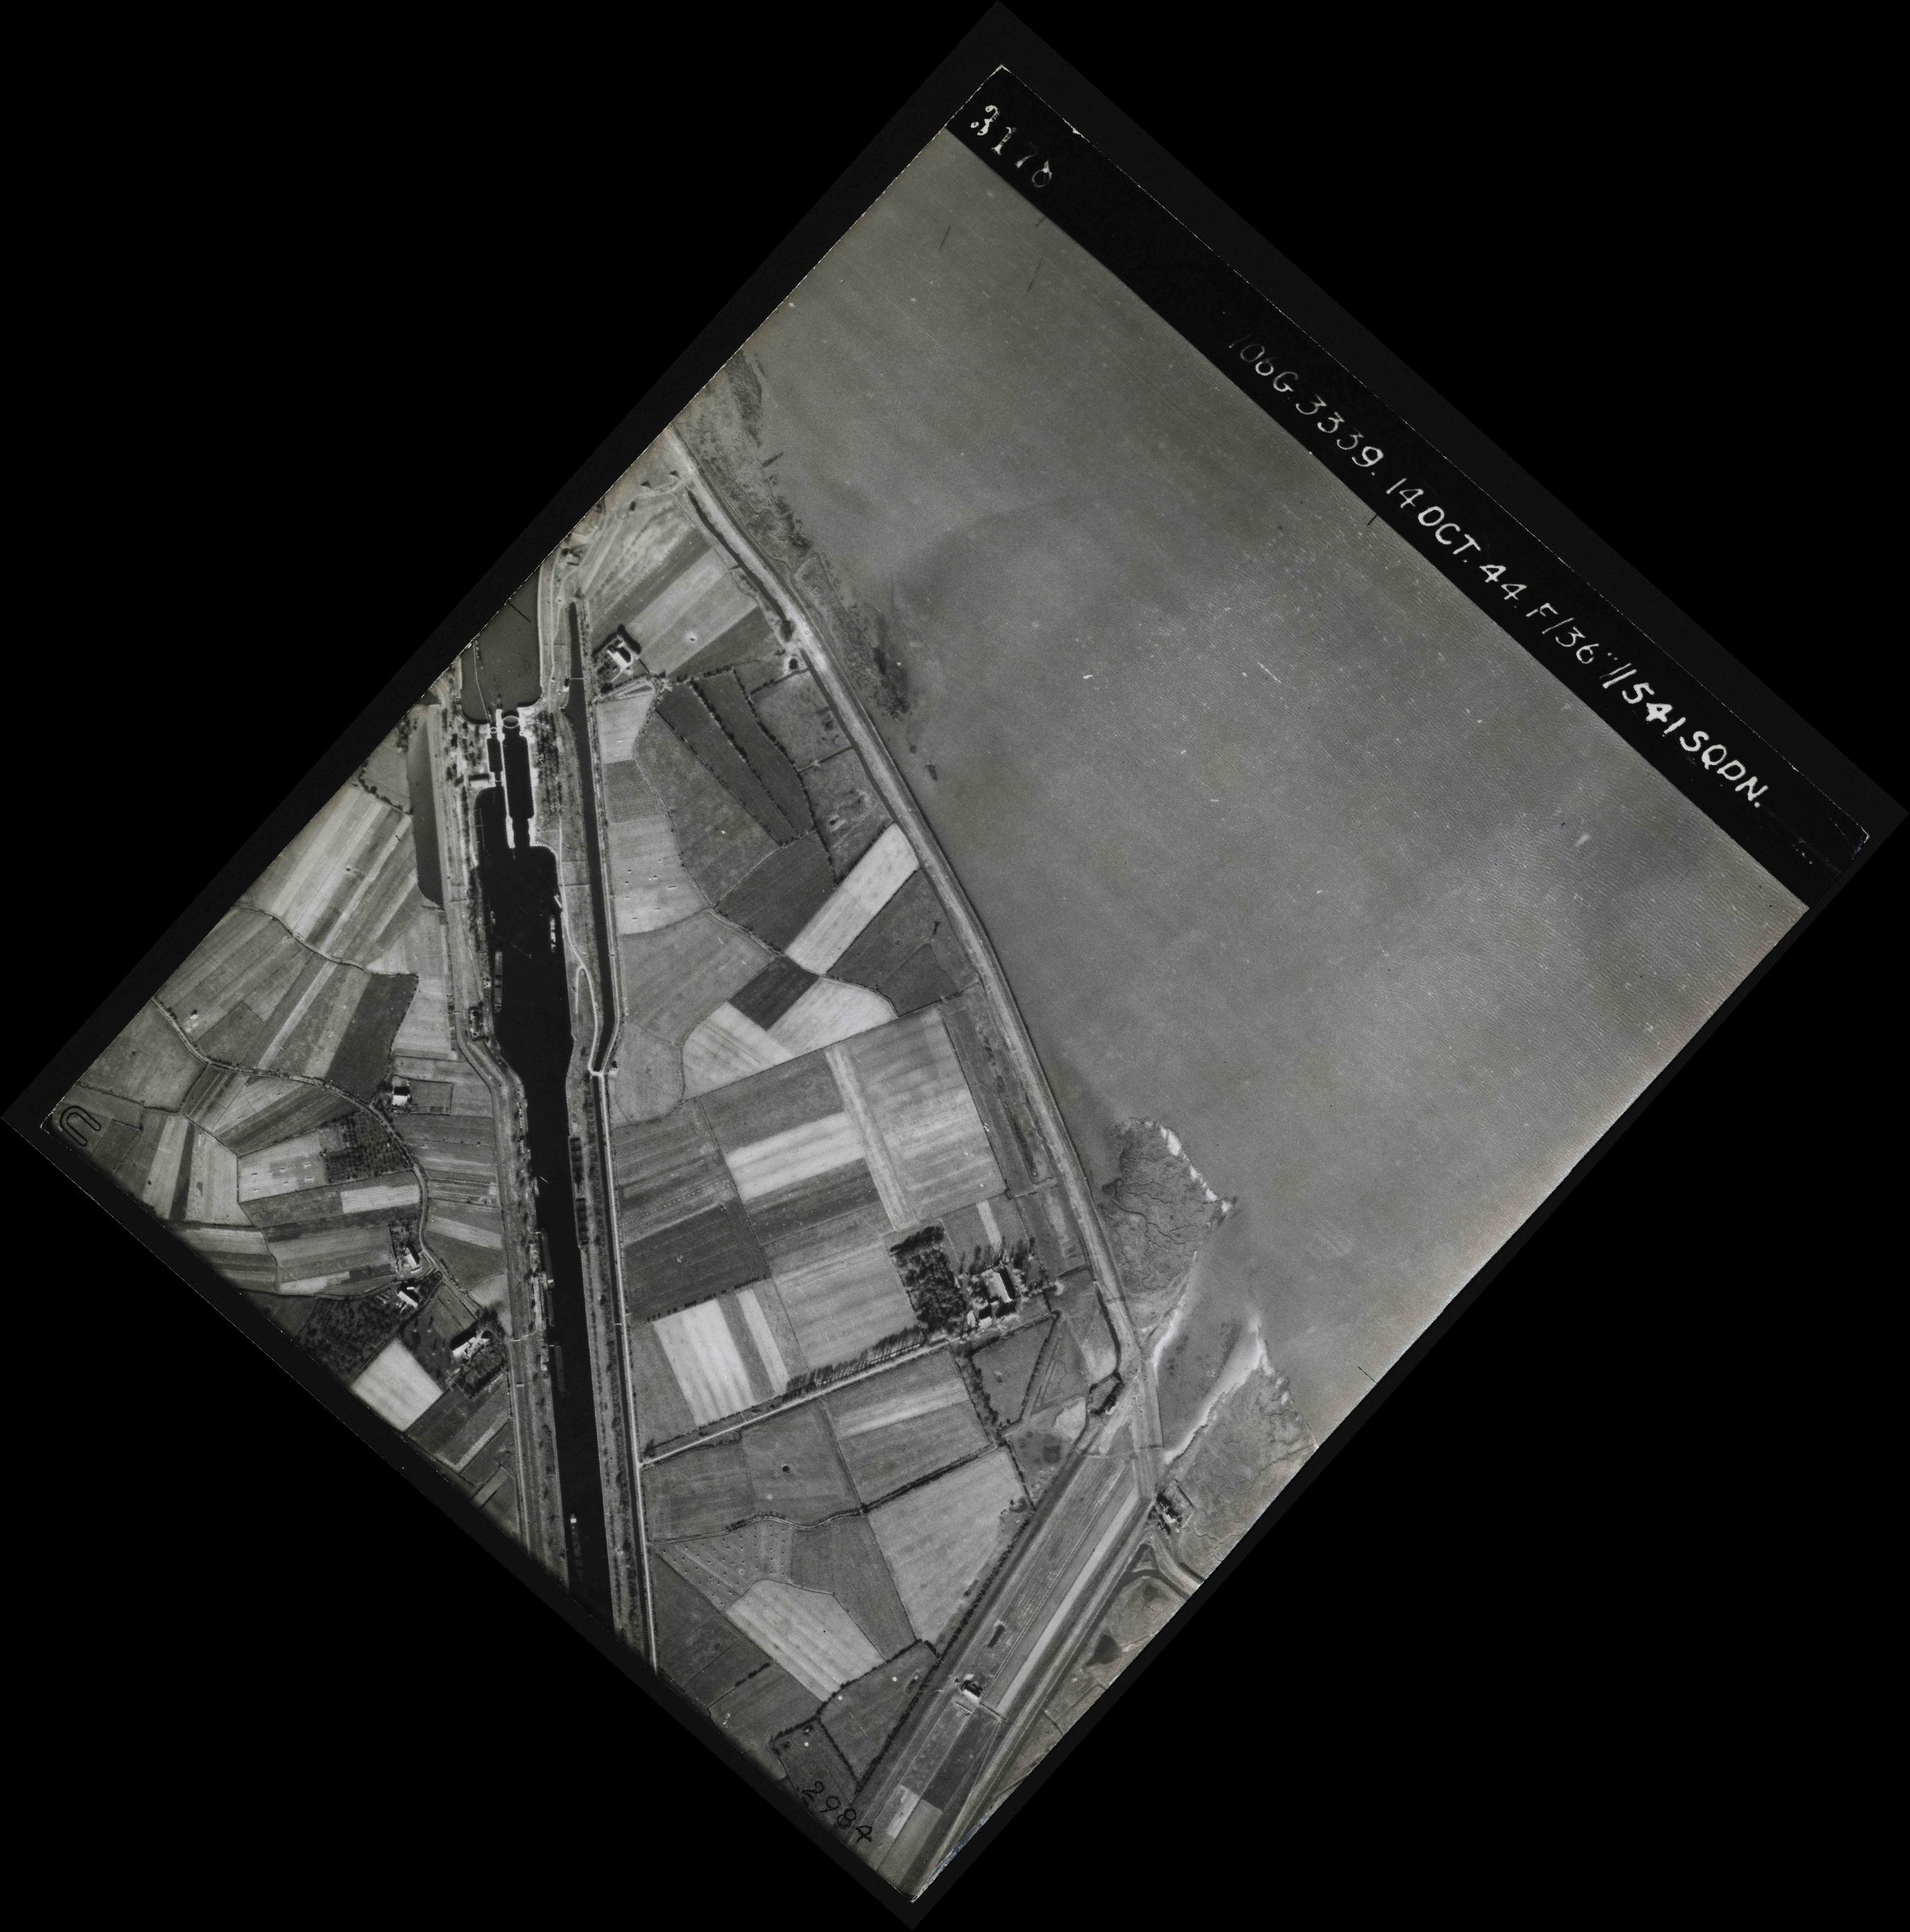 Collection RAF aerial photos 1940-1945 - flight 042, run 03, photo 3178